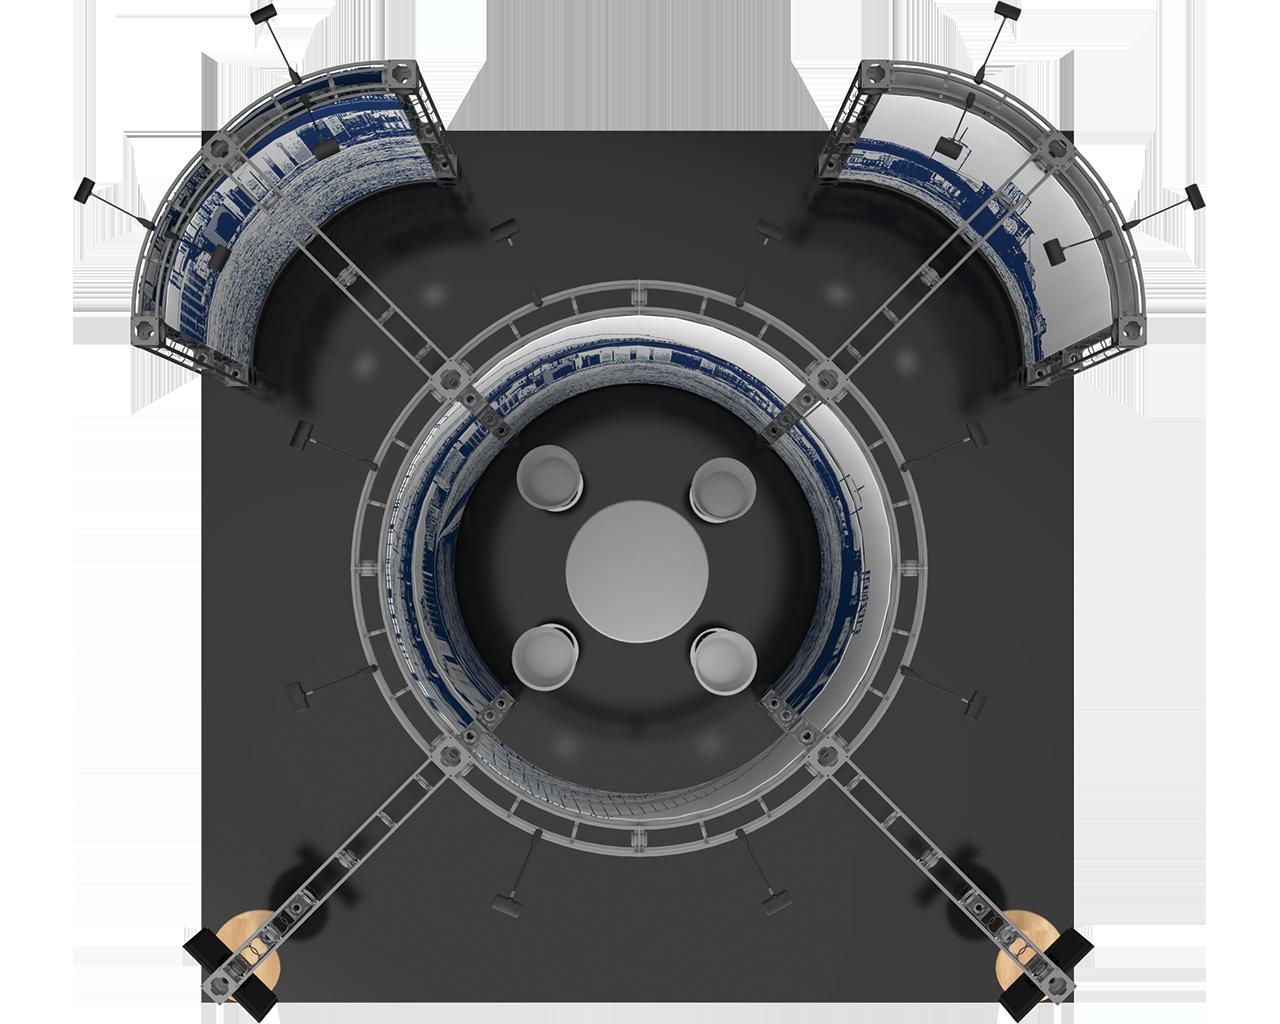 Atlas 20 x 20 Orbital Truss